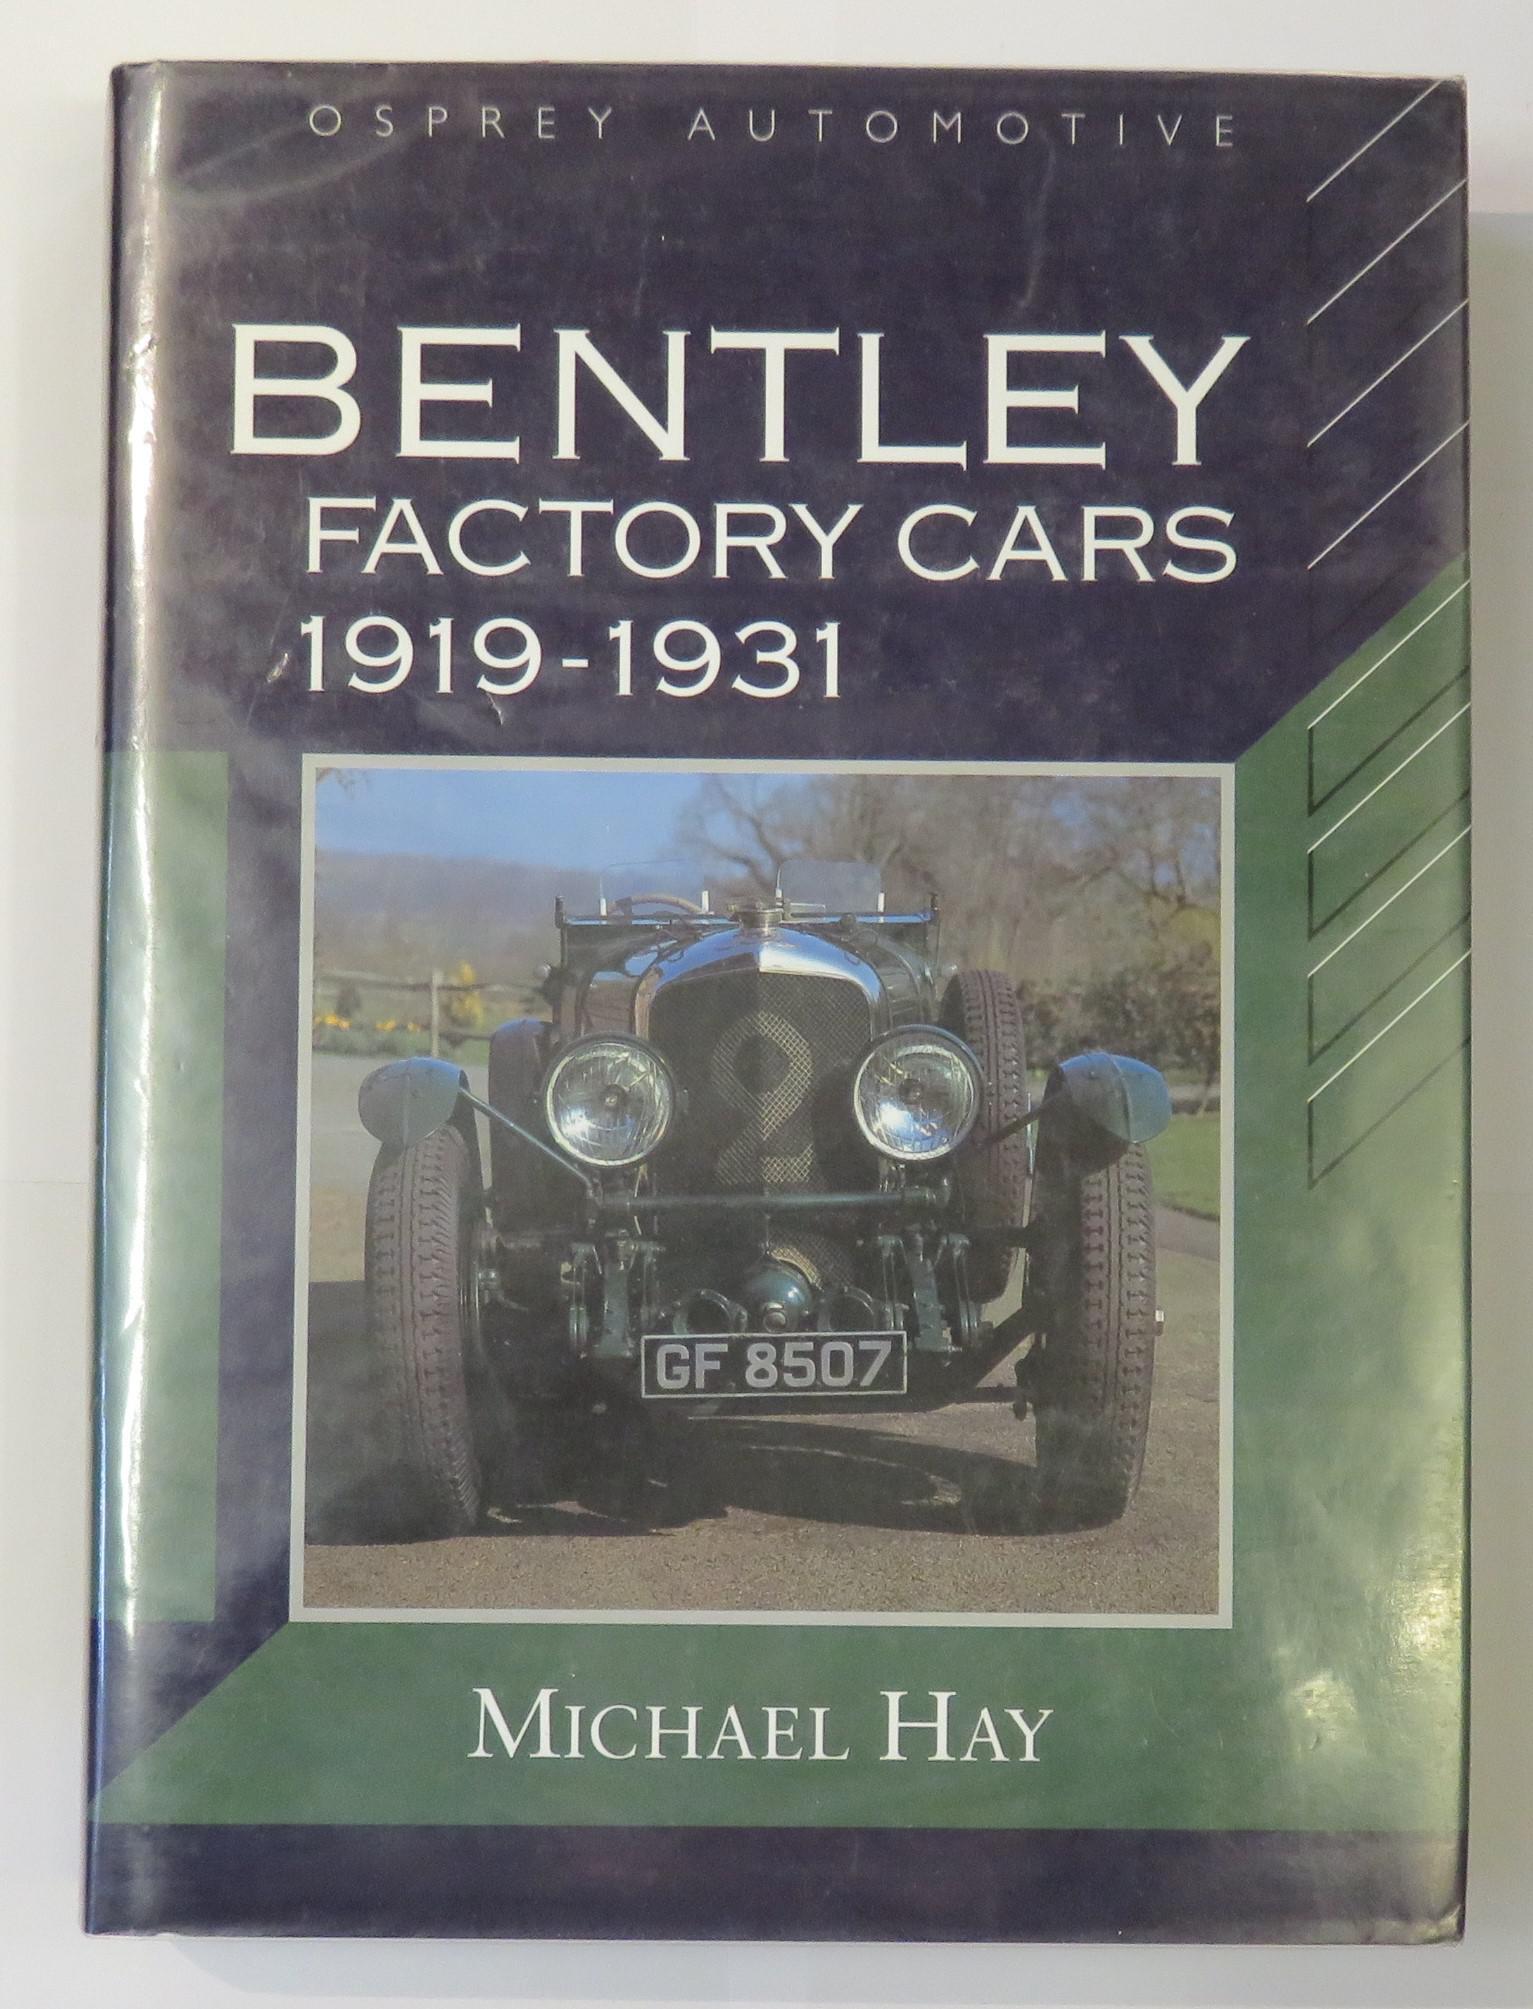 Bentley Factory Cars 1919-1931